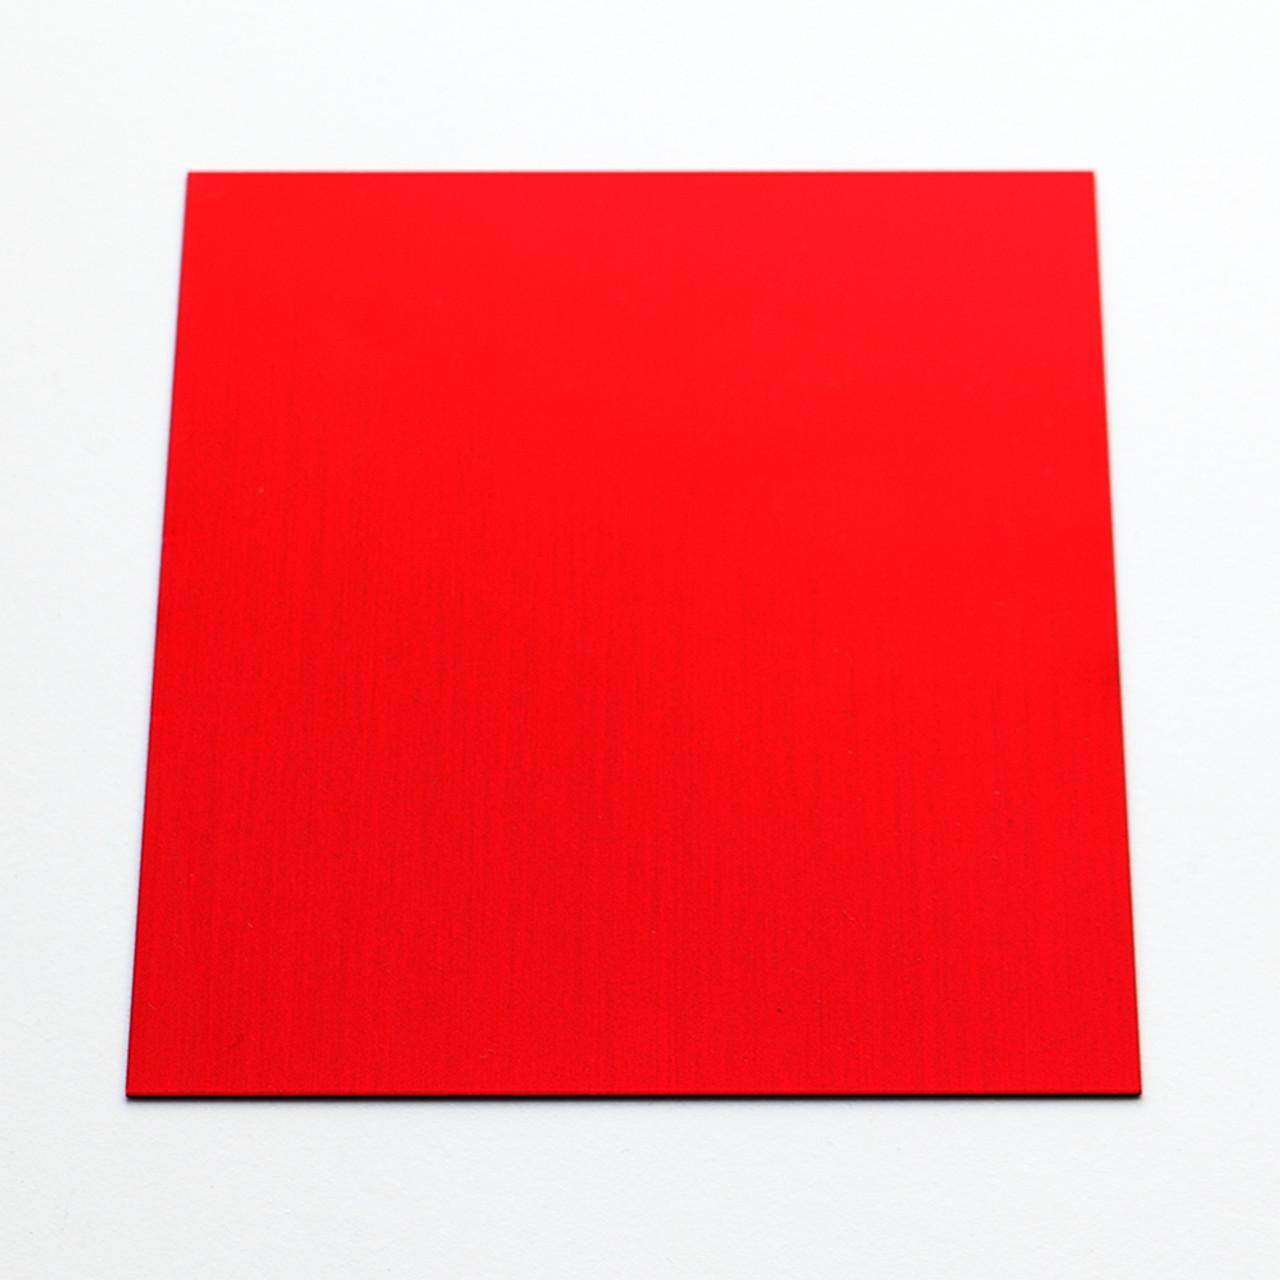 Red Anodised Aluminium Square